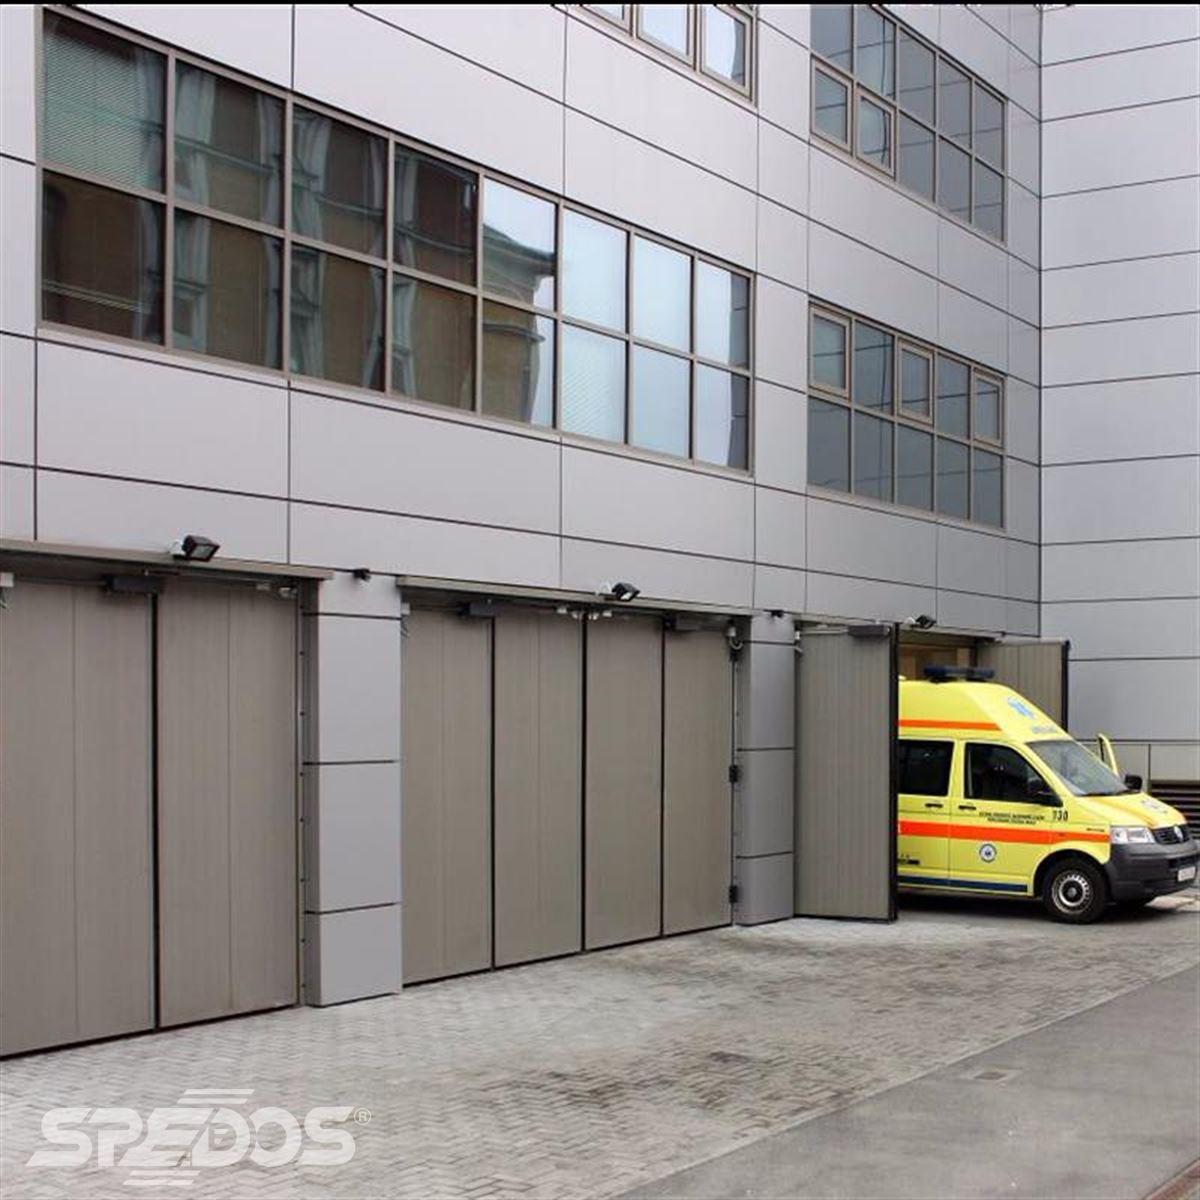 Ocelová vrata pro garáž  vozidel záchranné služby